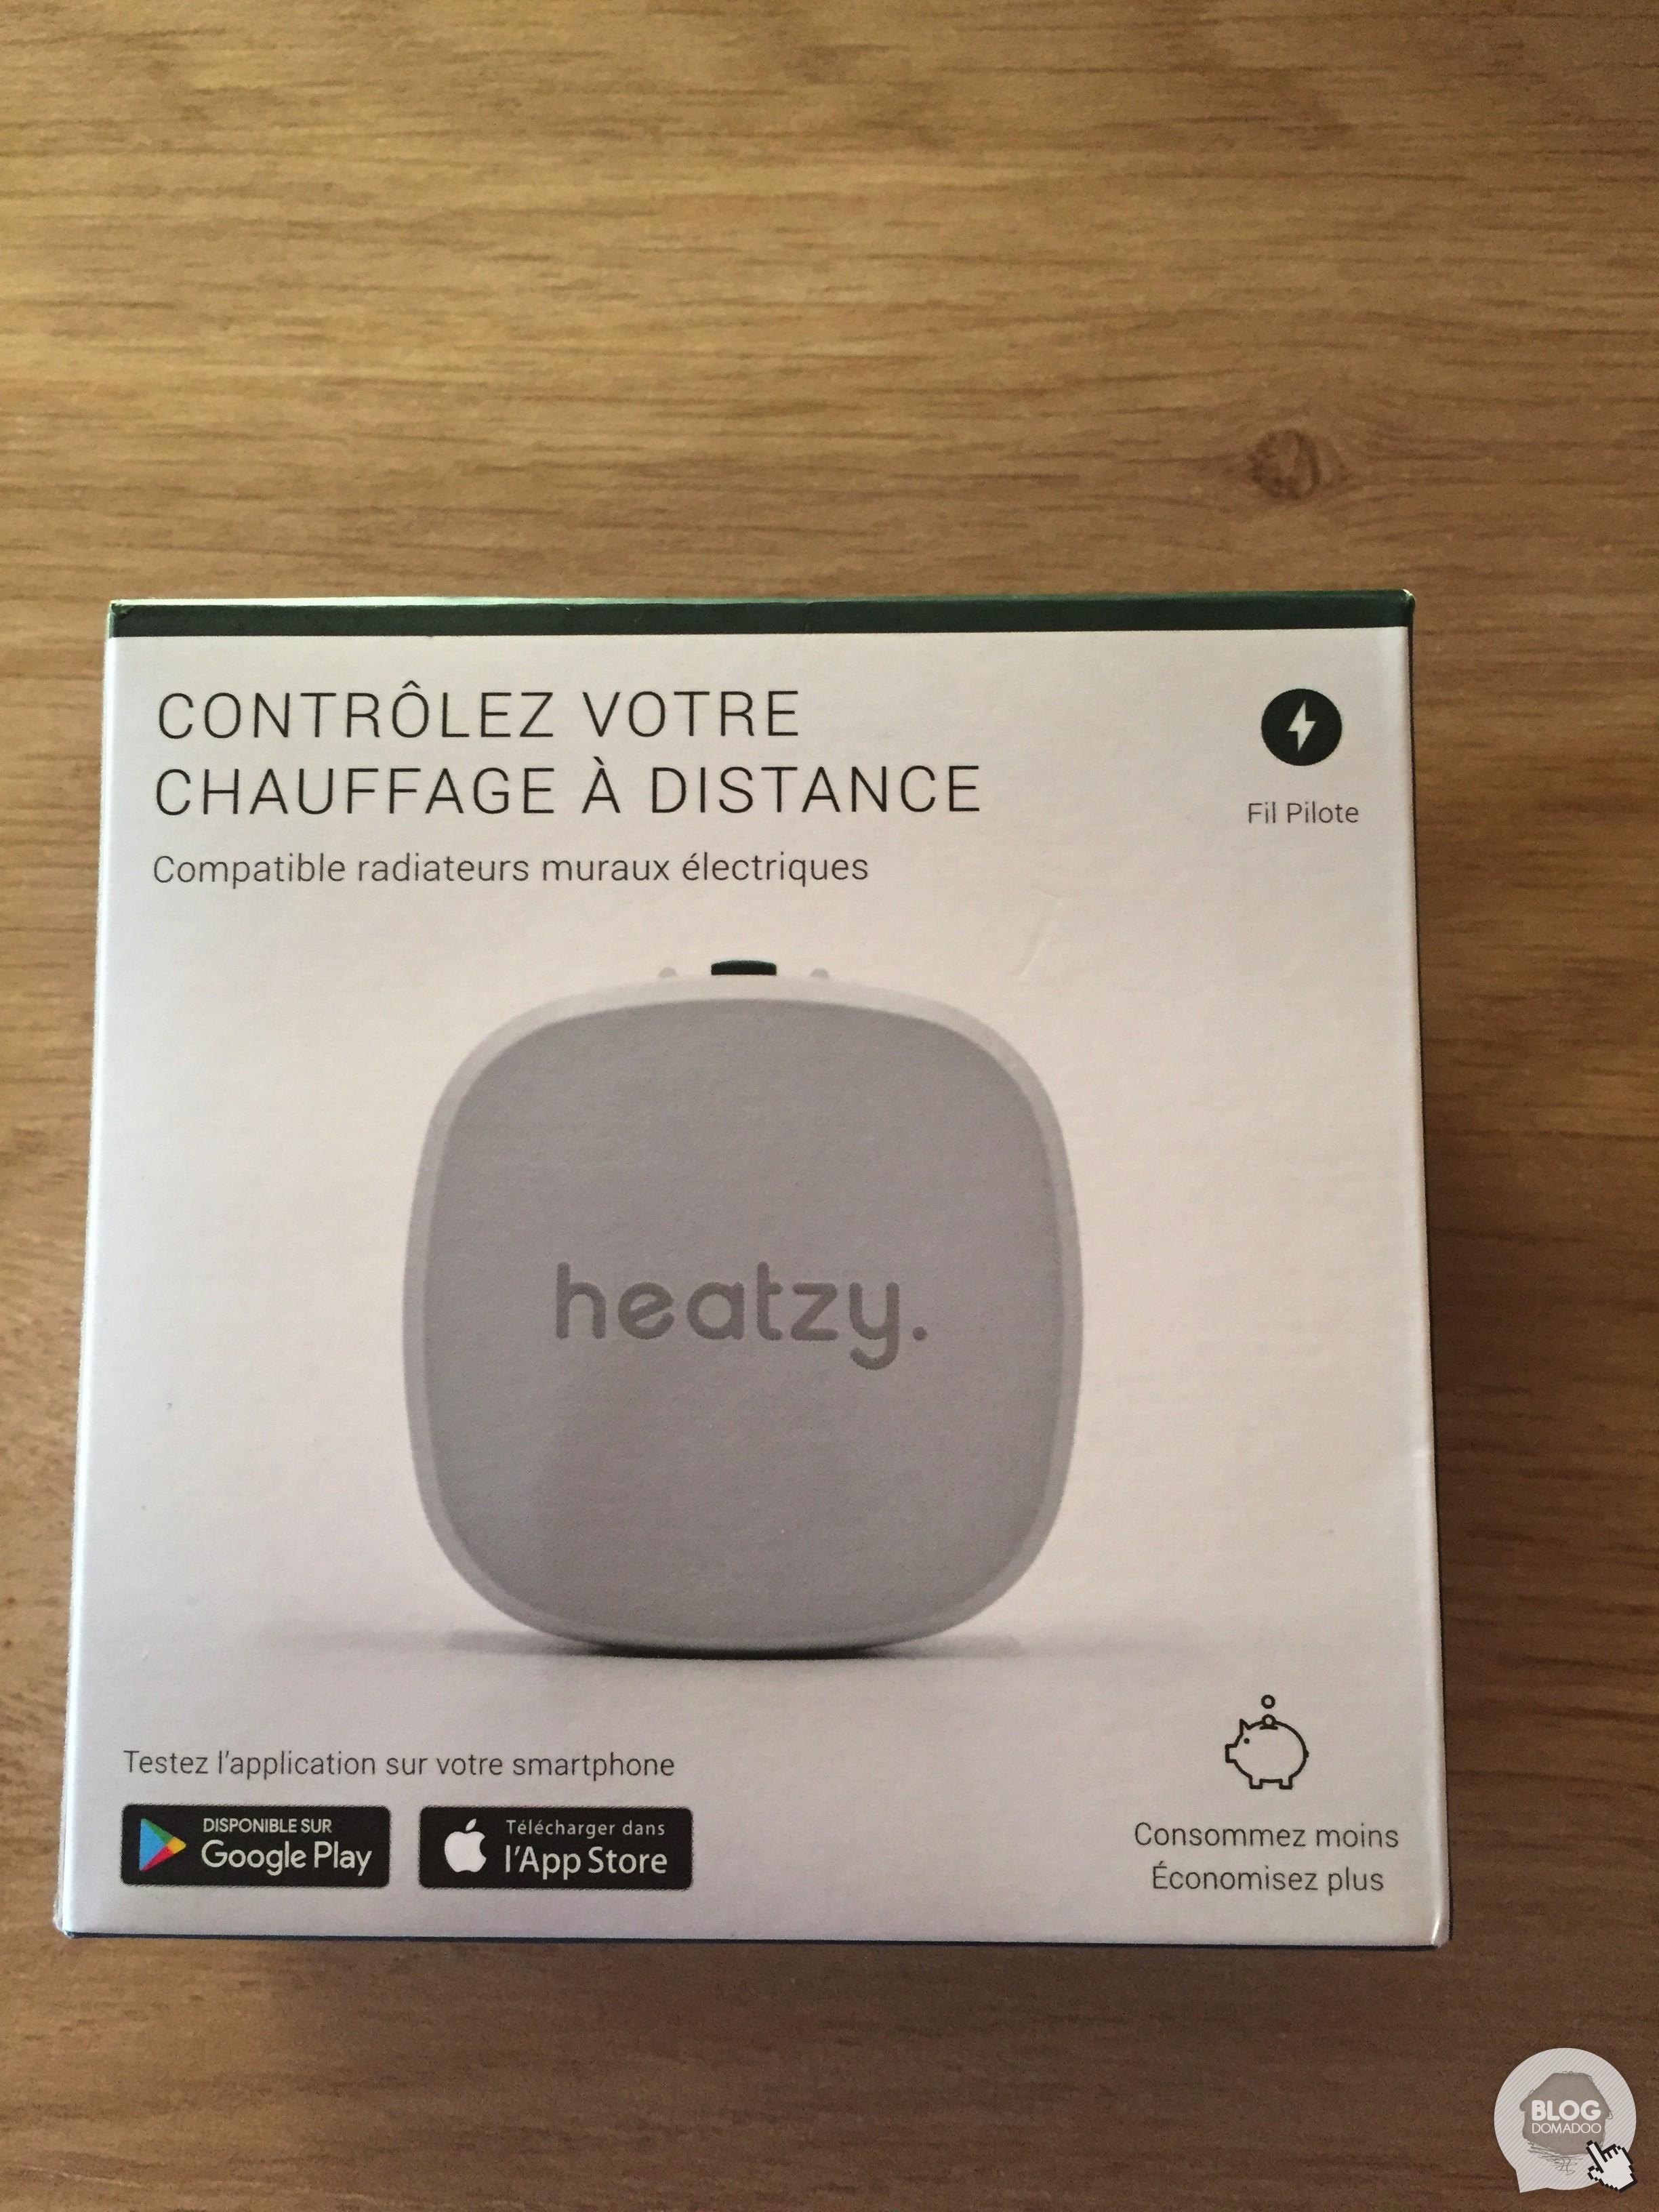 Heatzy2274